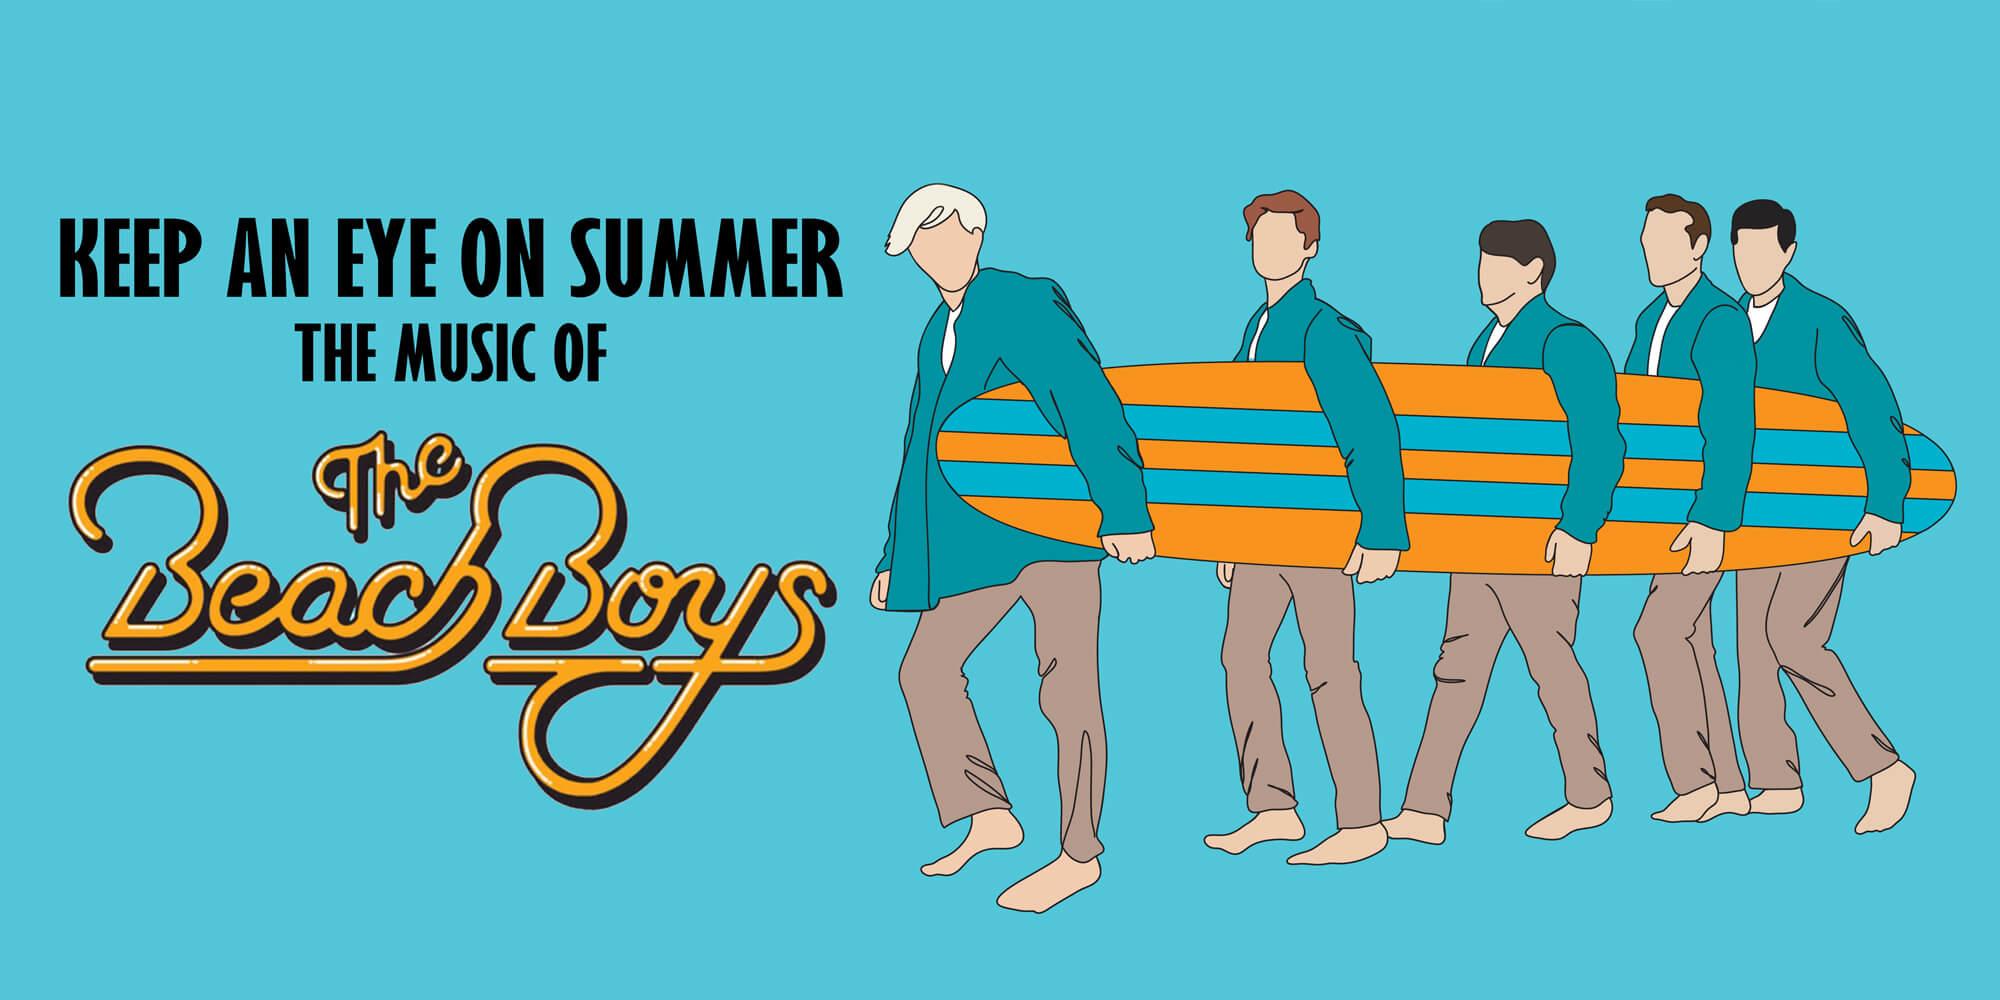 KEEP AN EYE ON SUMMER – THE MUSIC AND LIFE OF THE BEACH BOYS